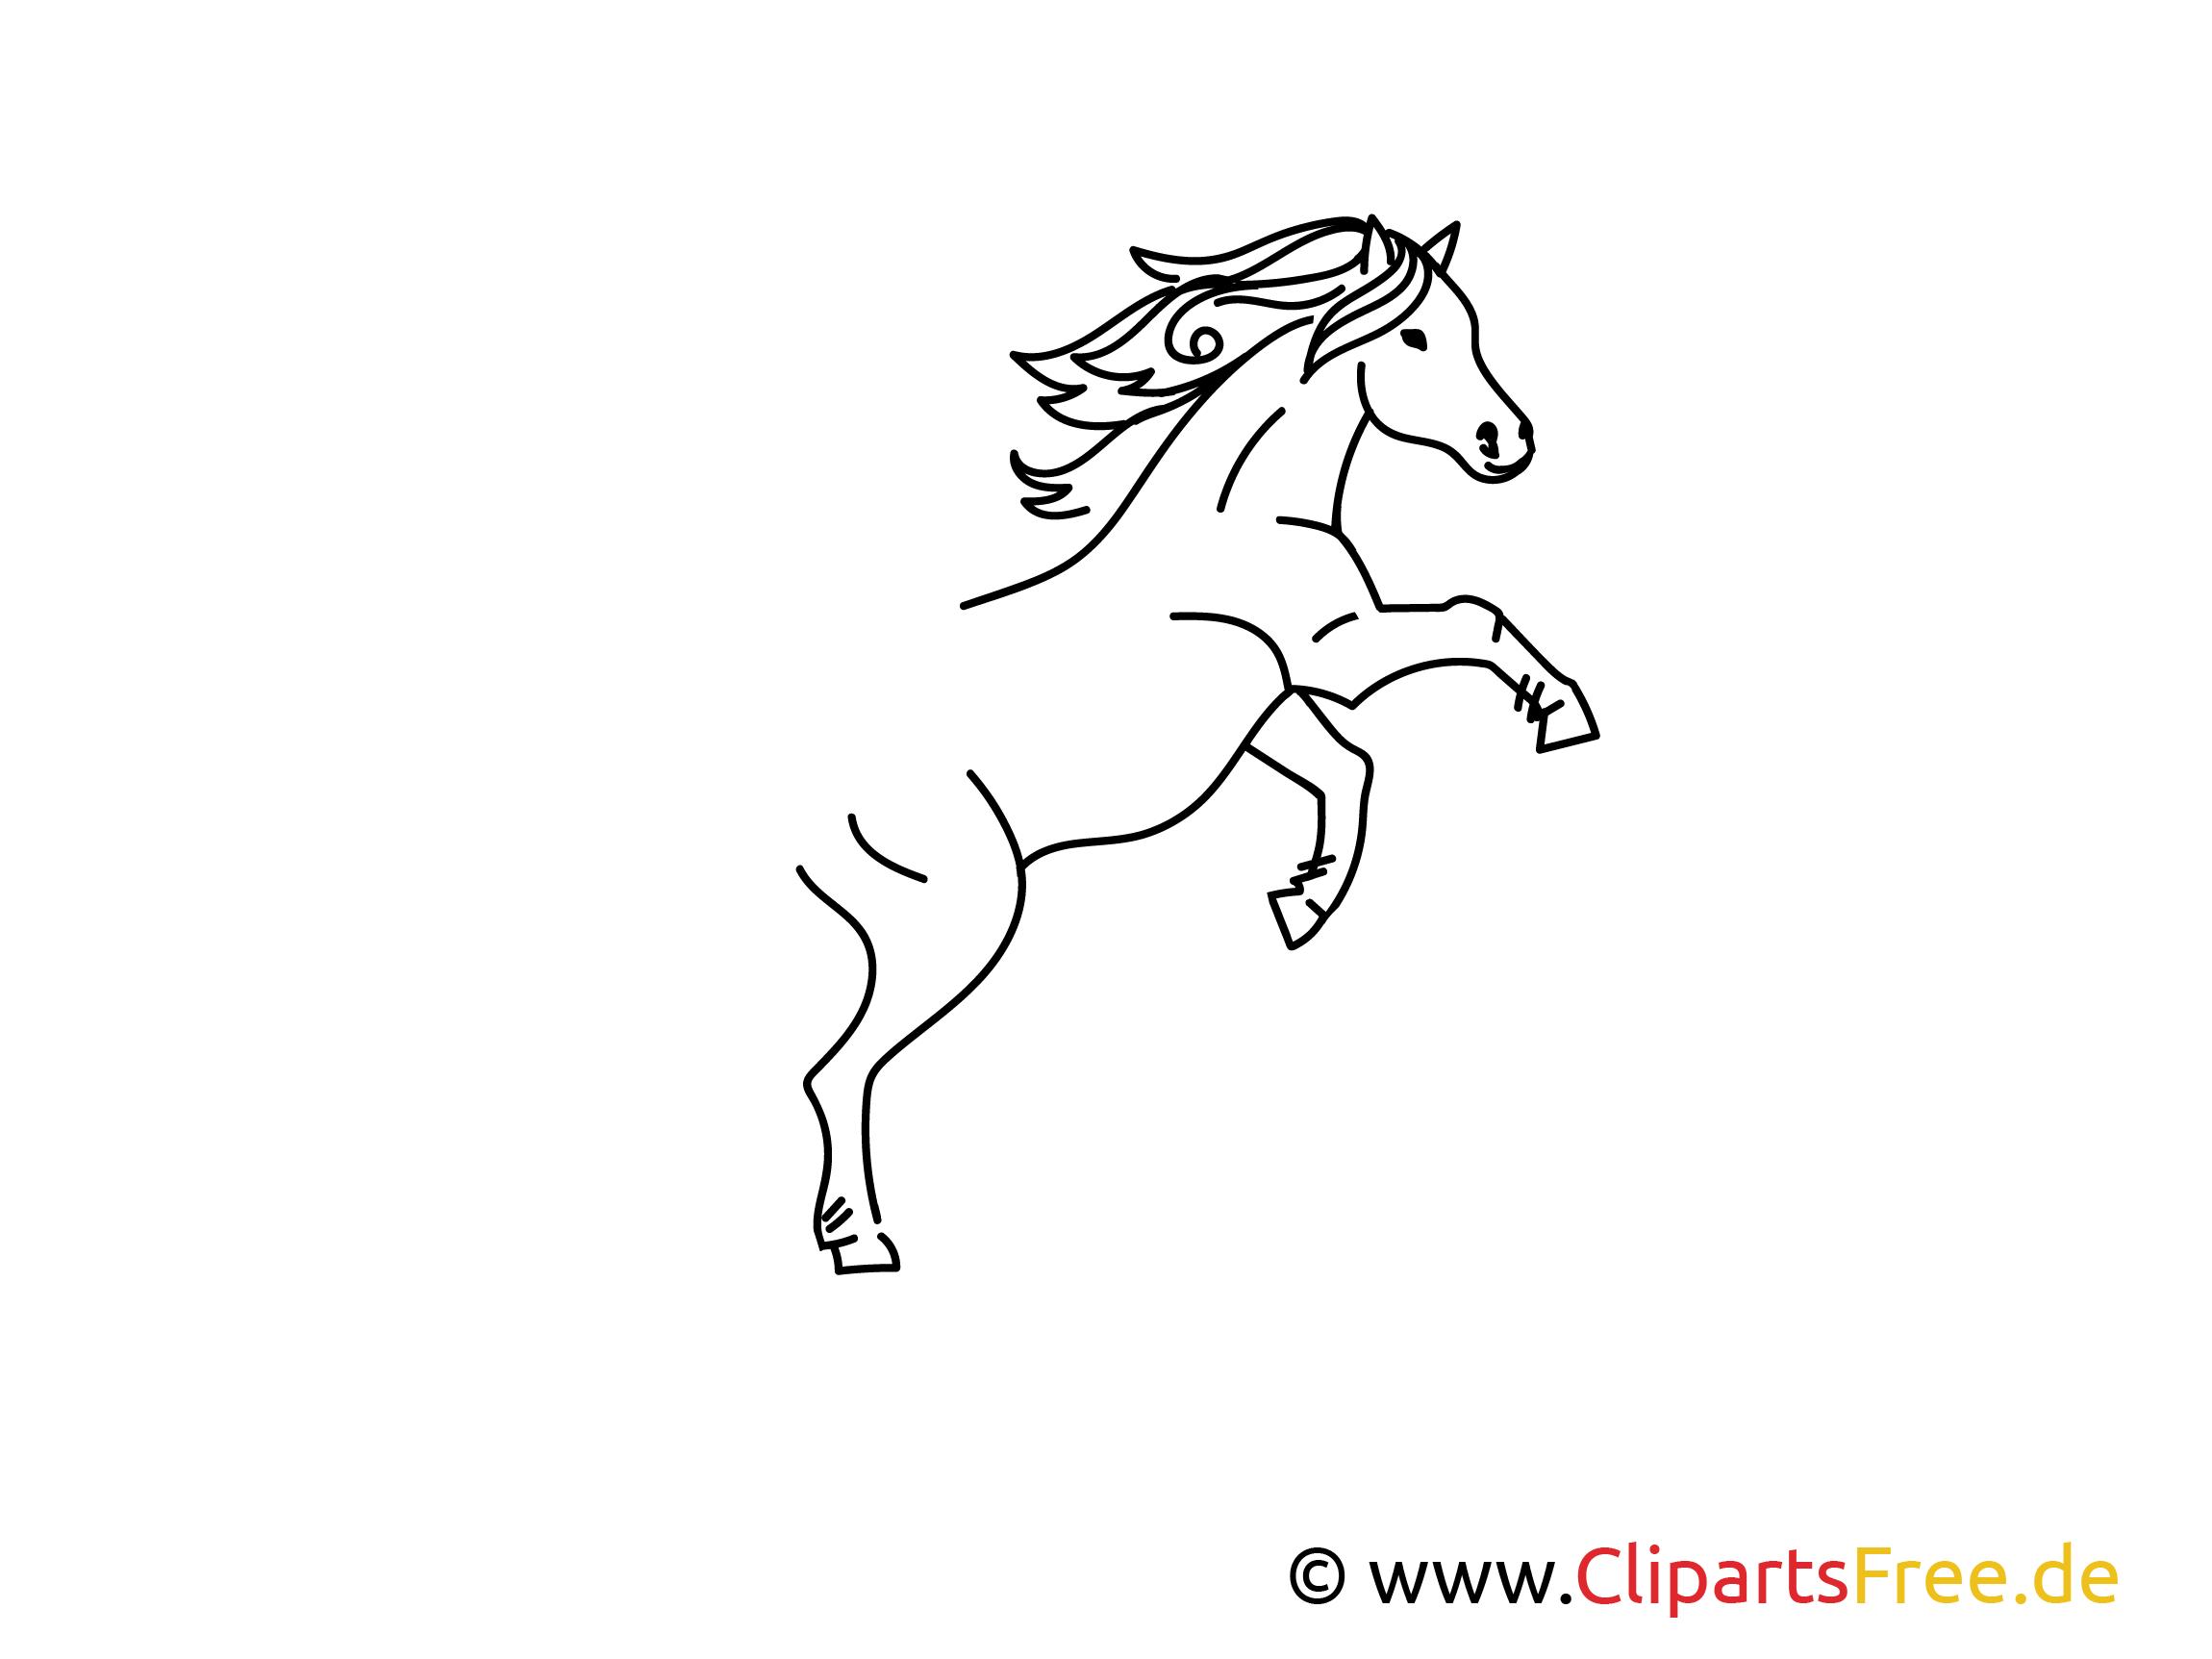 Einfache Weitermal-Vorlage Pferd